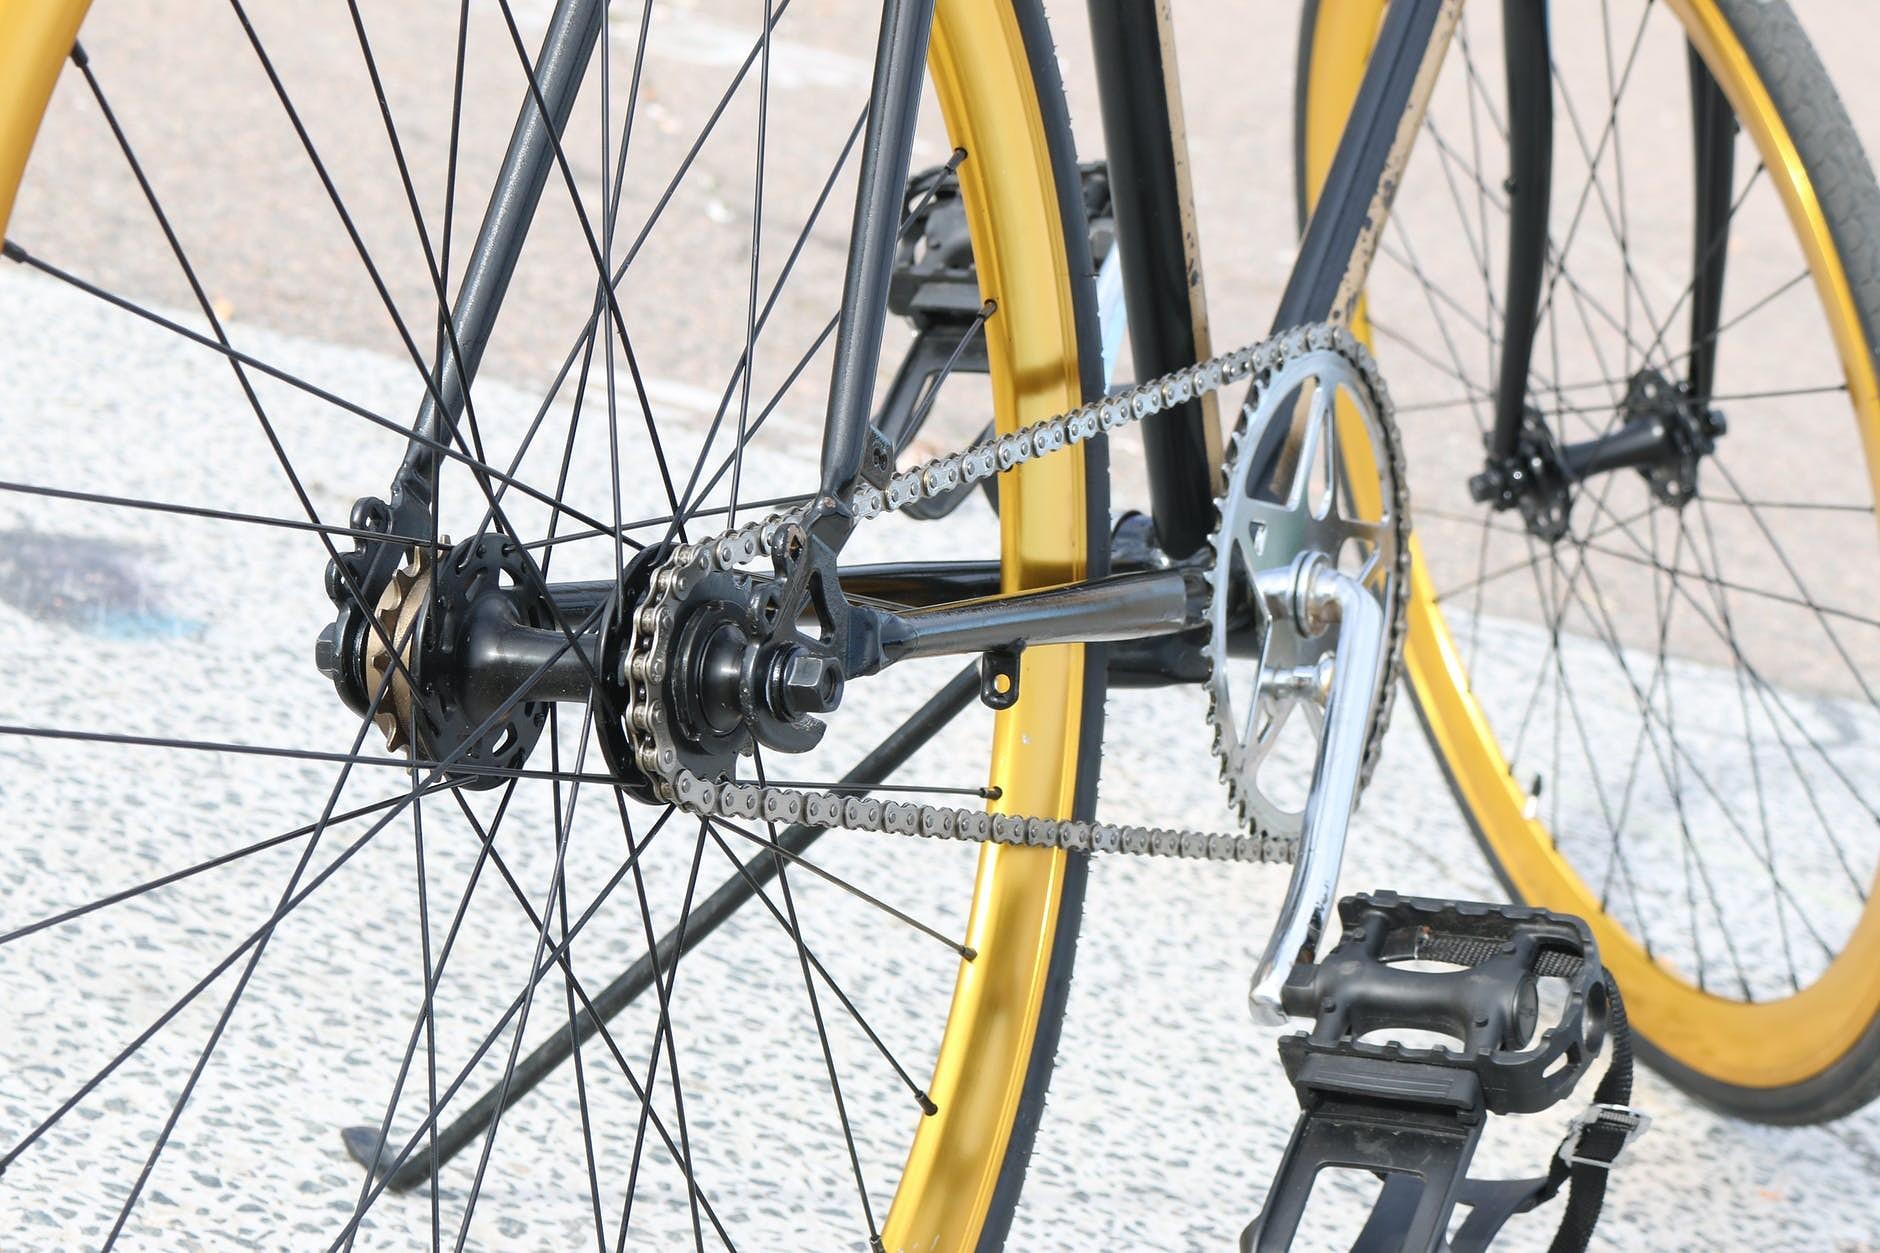 Aicinās riteņbraucējus aprīkot savus velosipēdus ar lukturiem un atstarotājiem